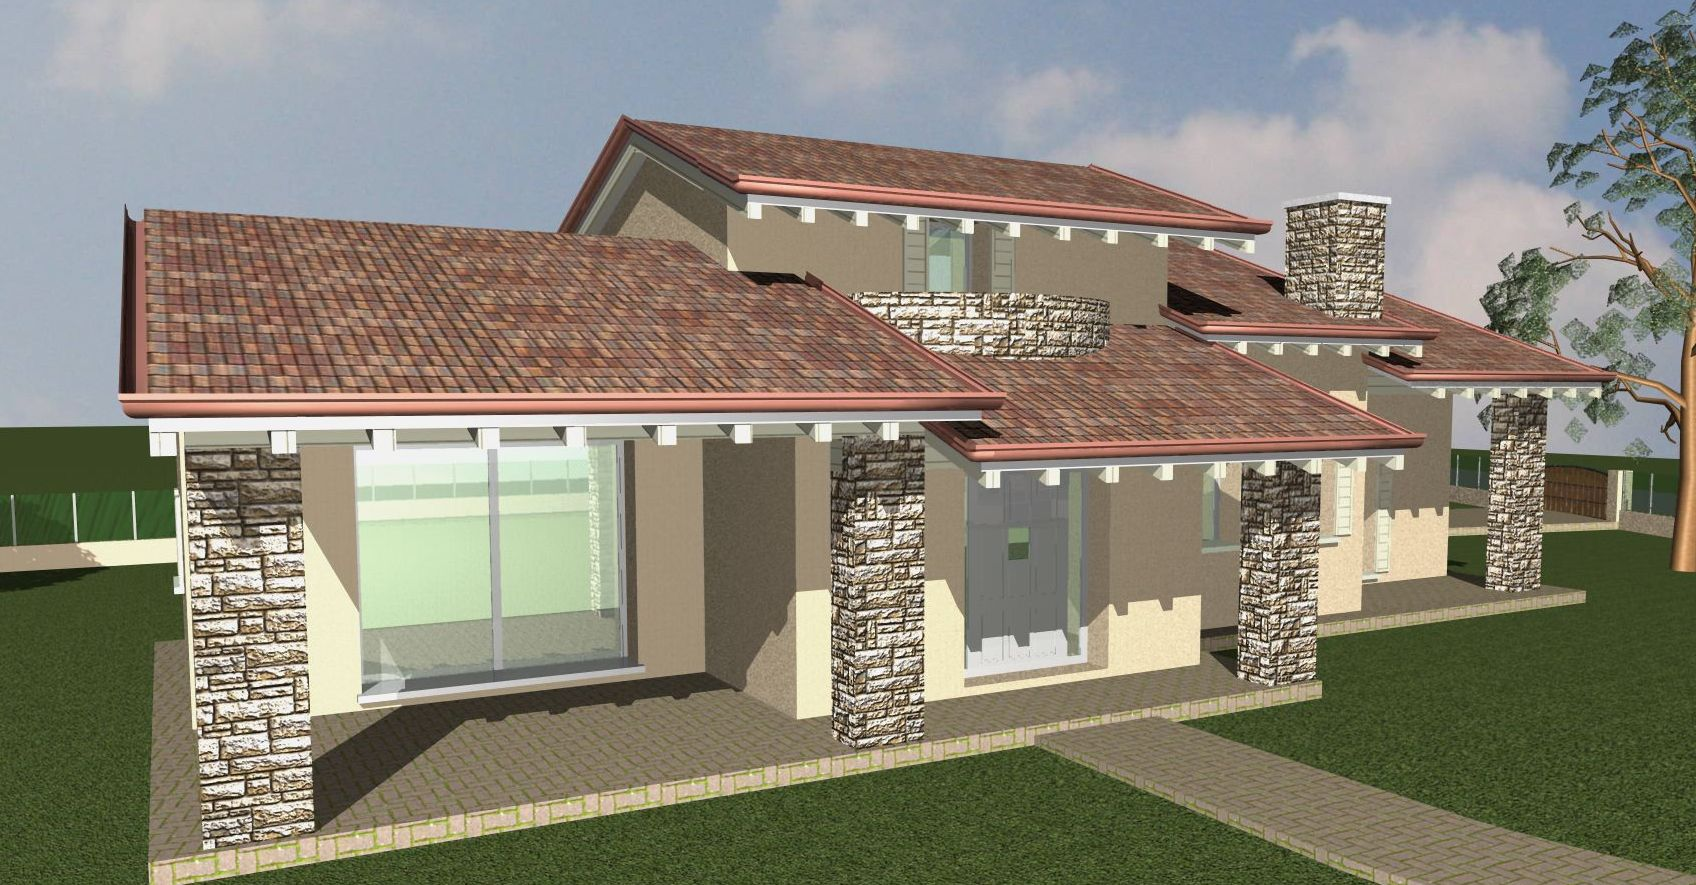 Progetto fabbricato unifamiliare progetti costruzione case for Progetti di case piccole